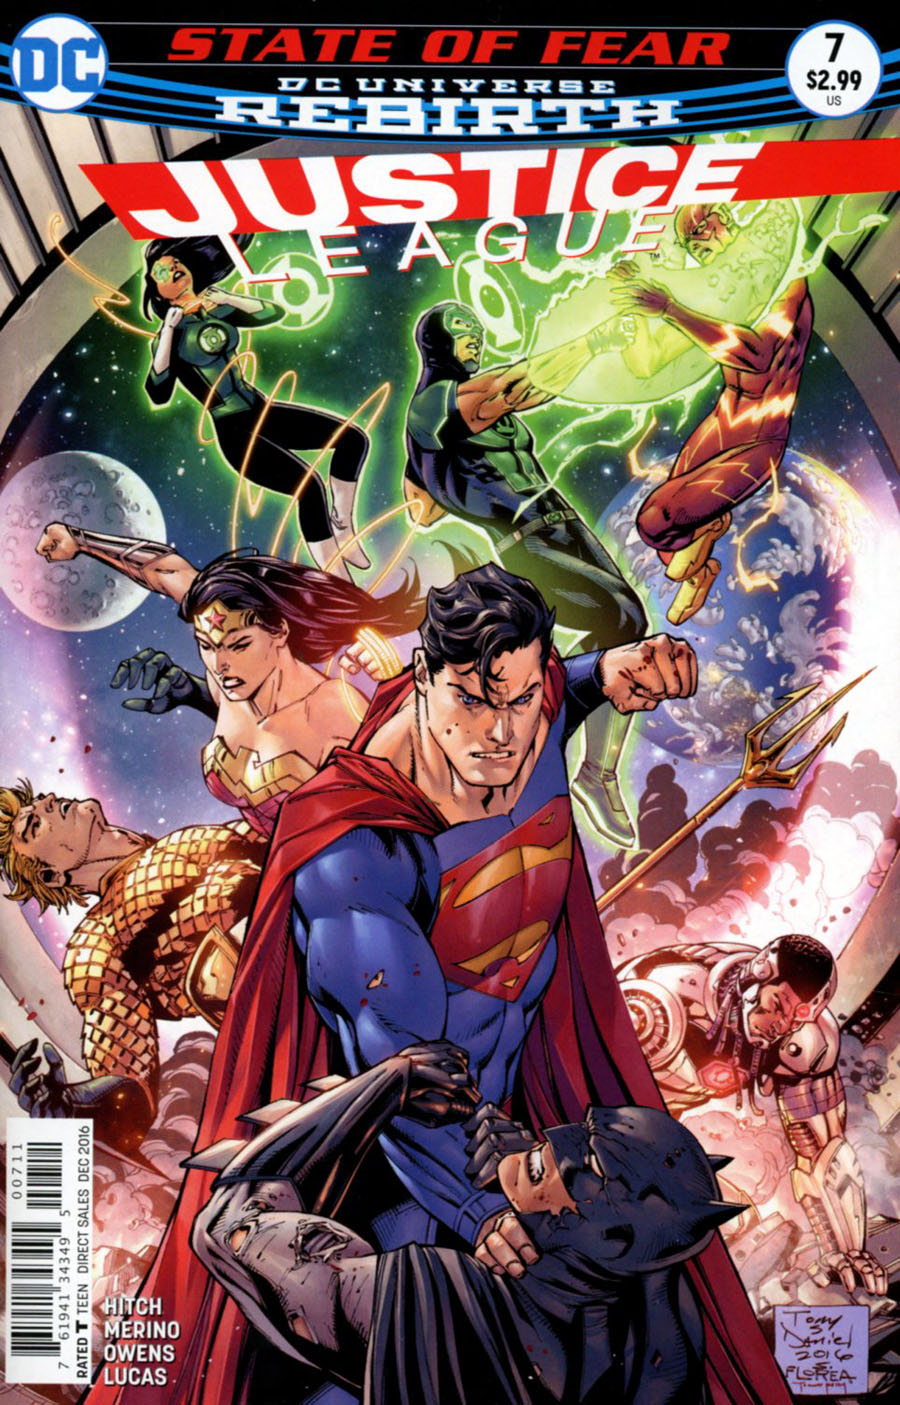 Justice League Vol 3 #7 Cover A Regular Tony S Daniel & Sandu Florea Cover